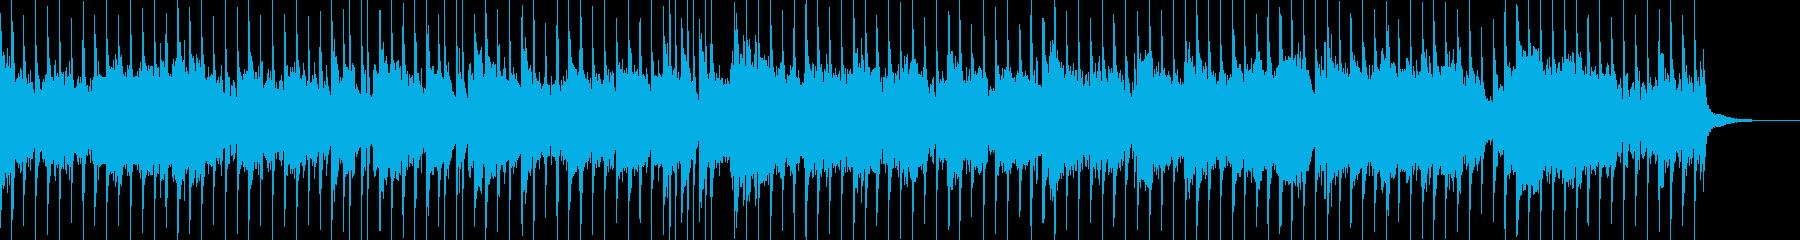 切なさと激しさのあるオーケストラ楽曲の再生済みの波形